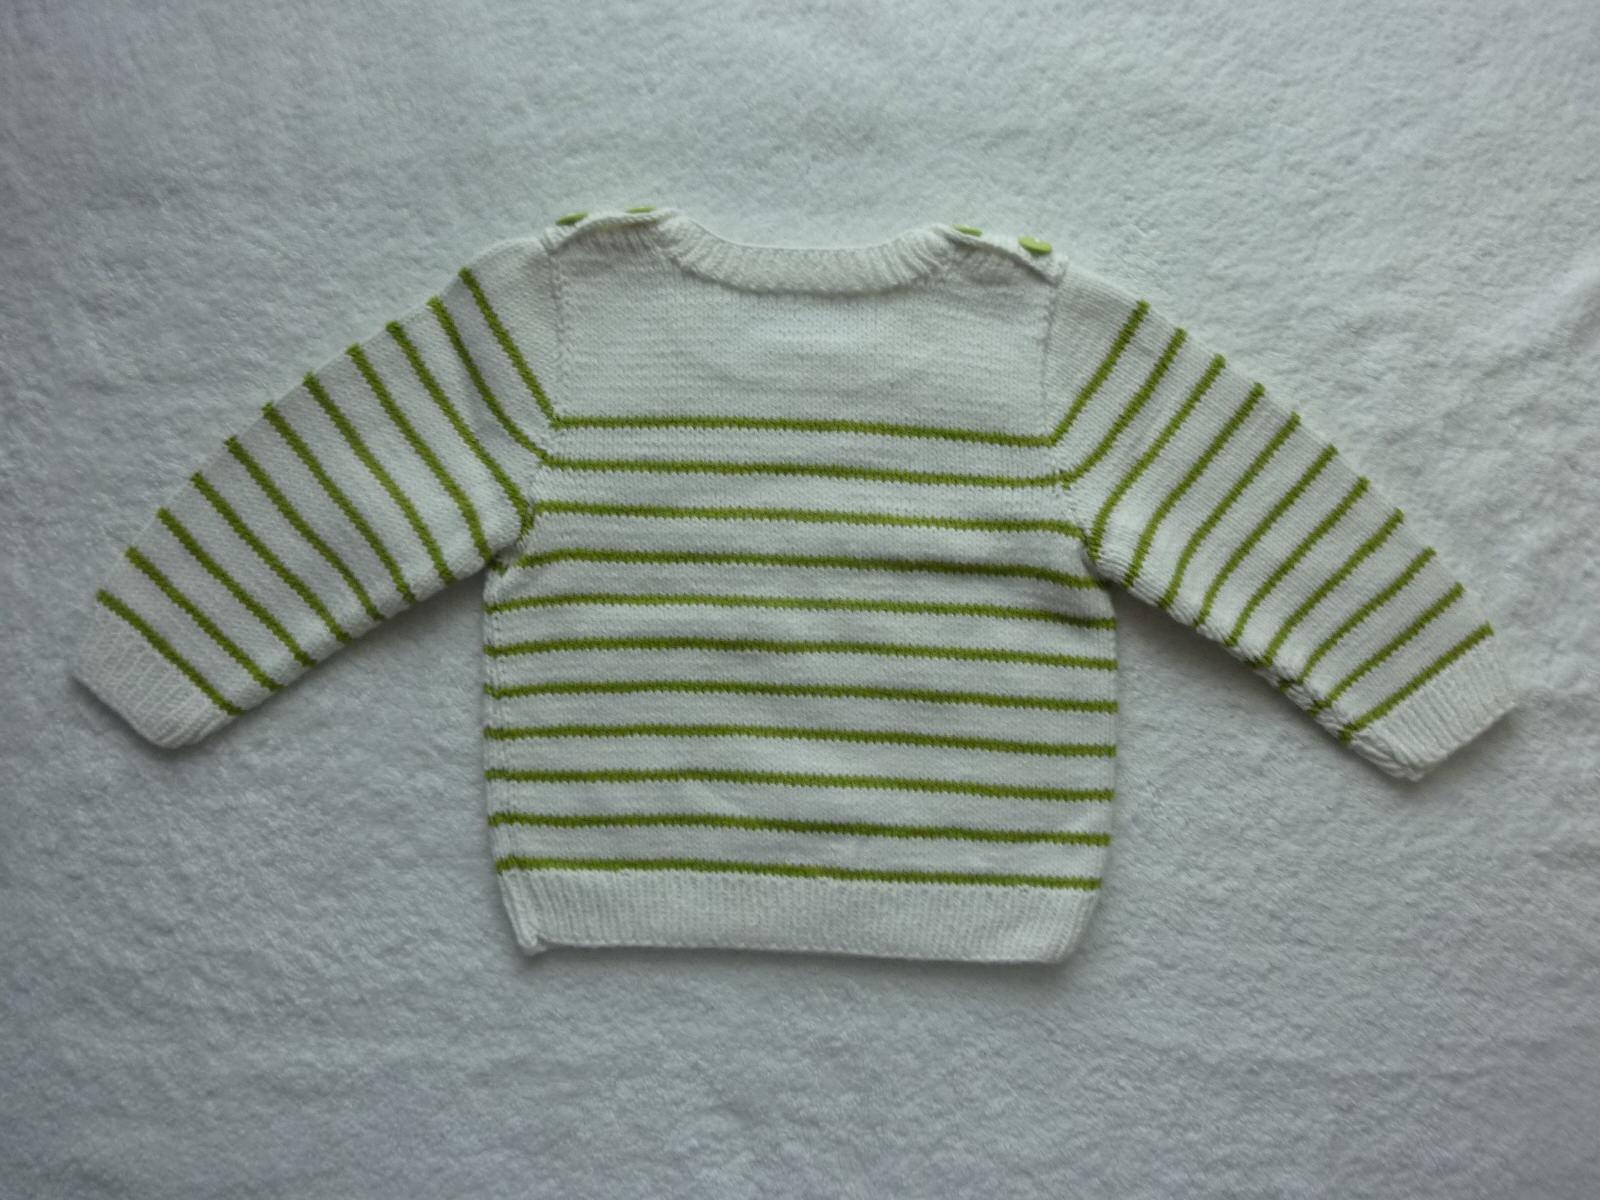 Kleinesbild - Kinderpullover Gr. 86/92 weiß hellgrün gestreift aus Baumwolle handgestrickt